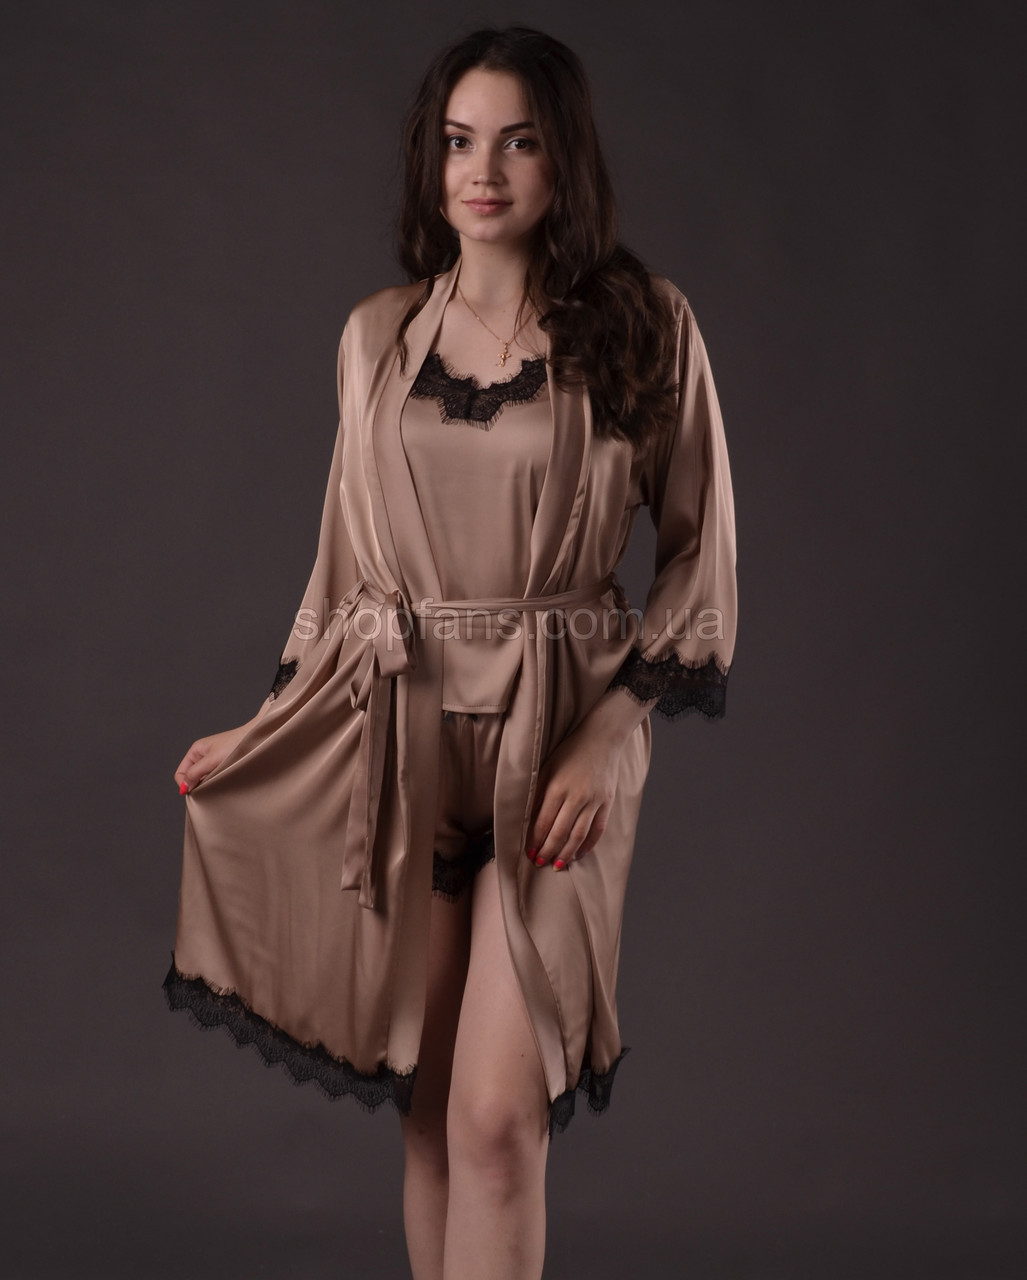 Комплект женский ( шорты с маечкой + халат )  из шелка Армани с французским кружевом Шантильи